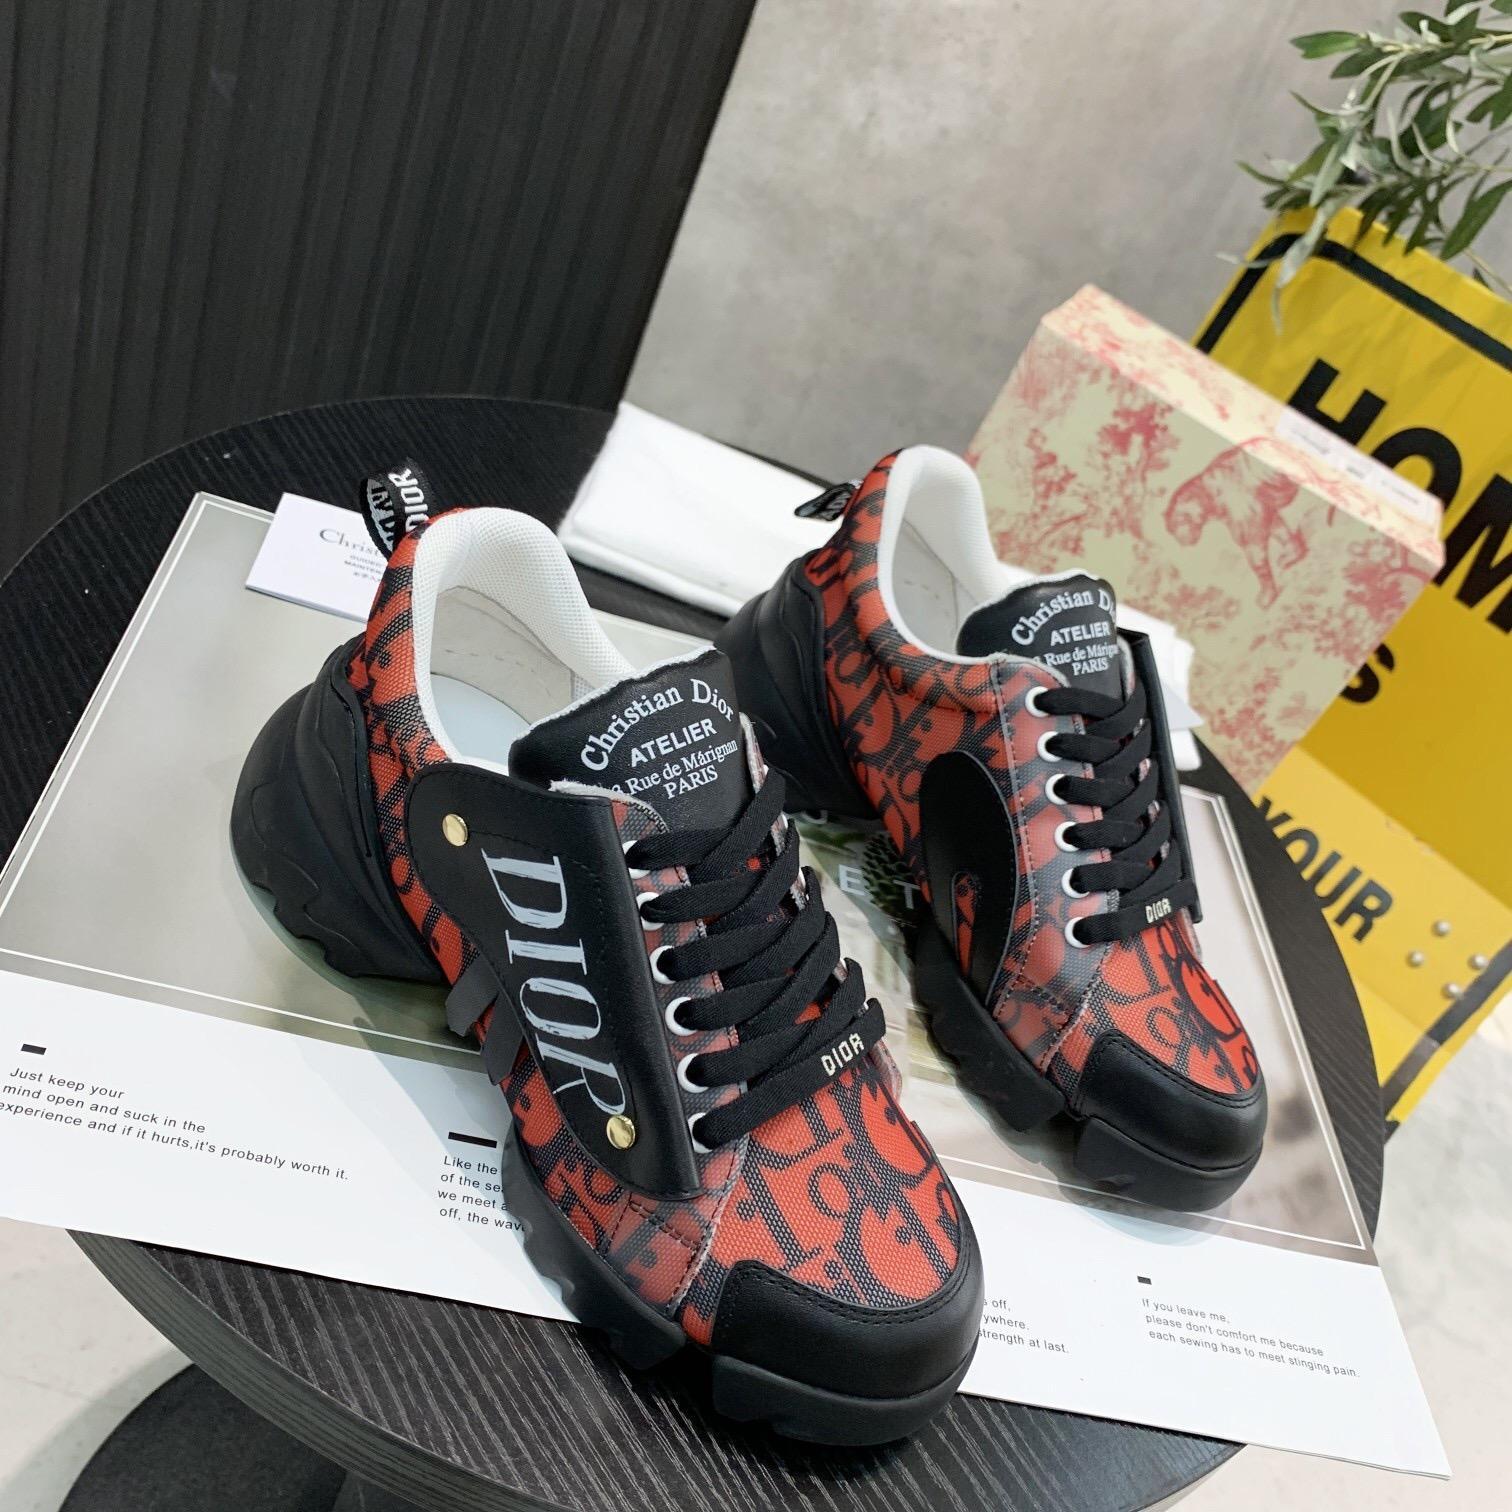 Mode Frauen Schuhe 2020 neue Frauen beiläufige Schuhe Plattform beiläufige hohe Qualität schwere Schuhe mit Kasten size35-41